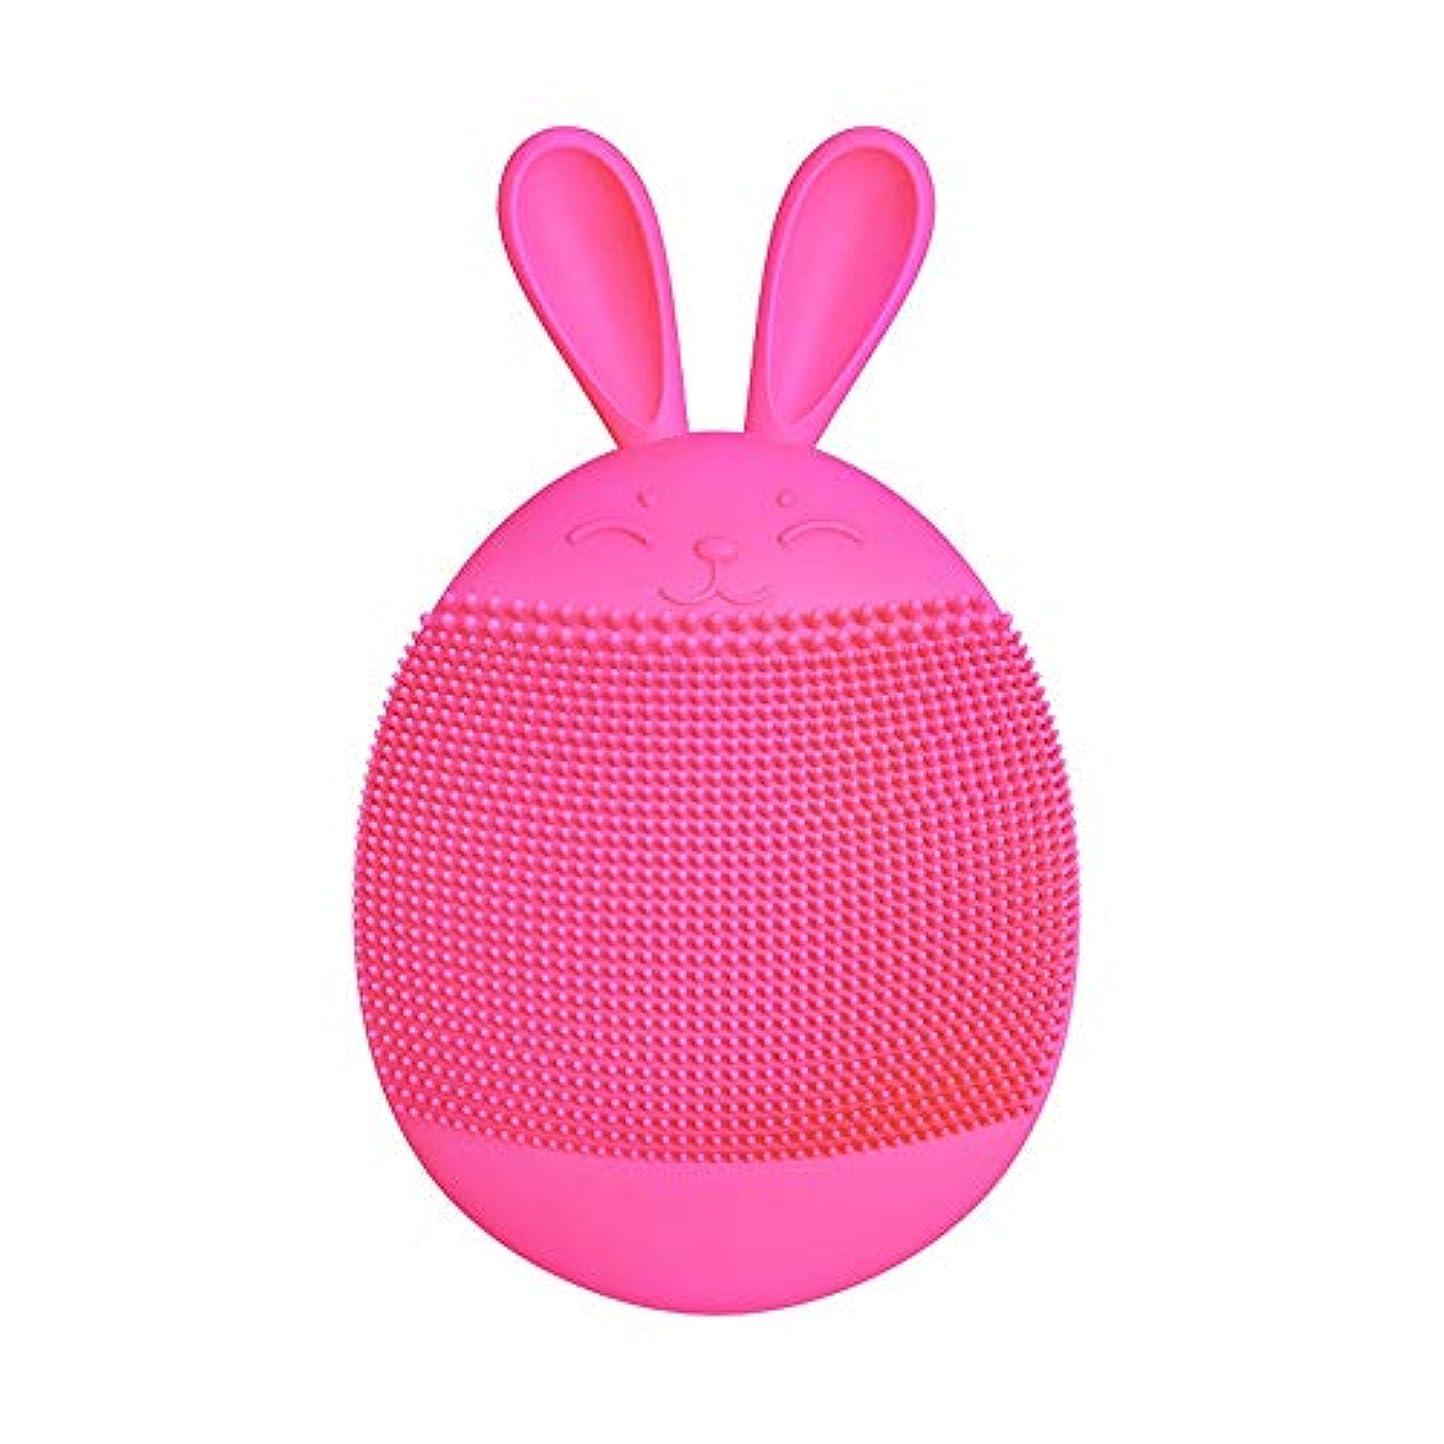 呼吸するシェルターエチケットZXF 超音波電動シリコーン洗顔器ポア洗顔洗顔ピンクレッド 滑らかである (色 : Red)